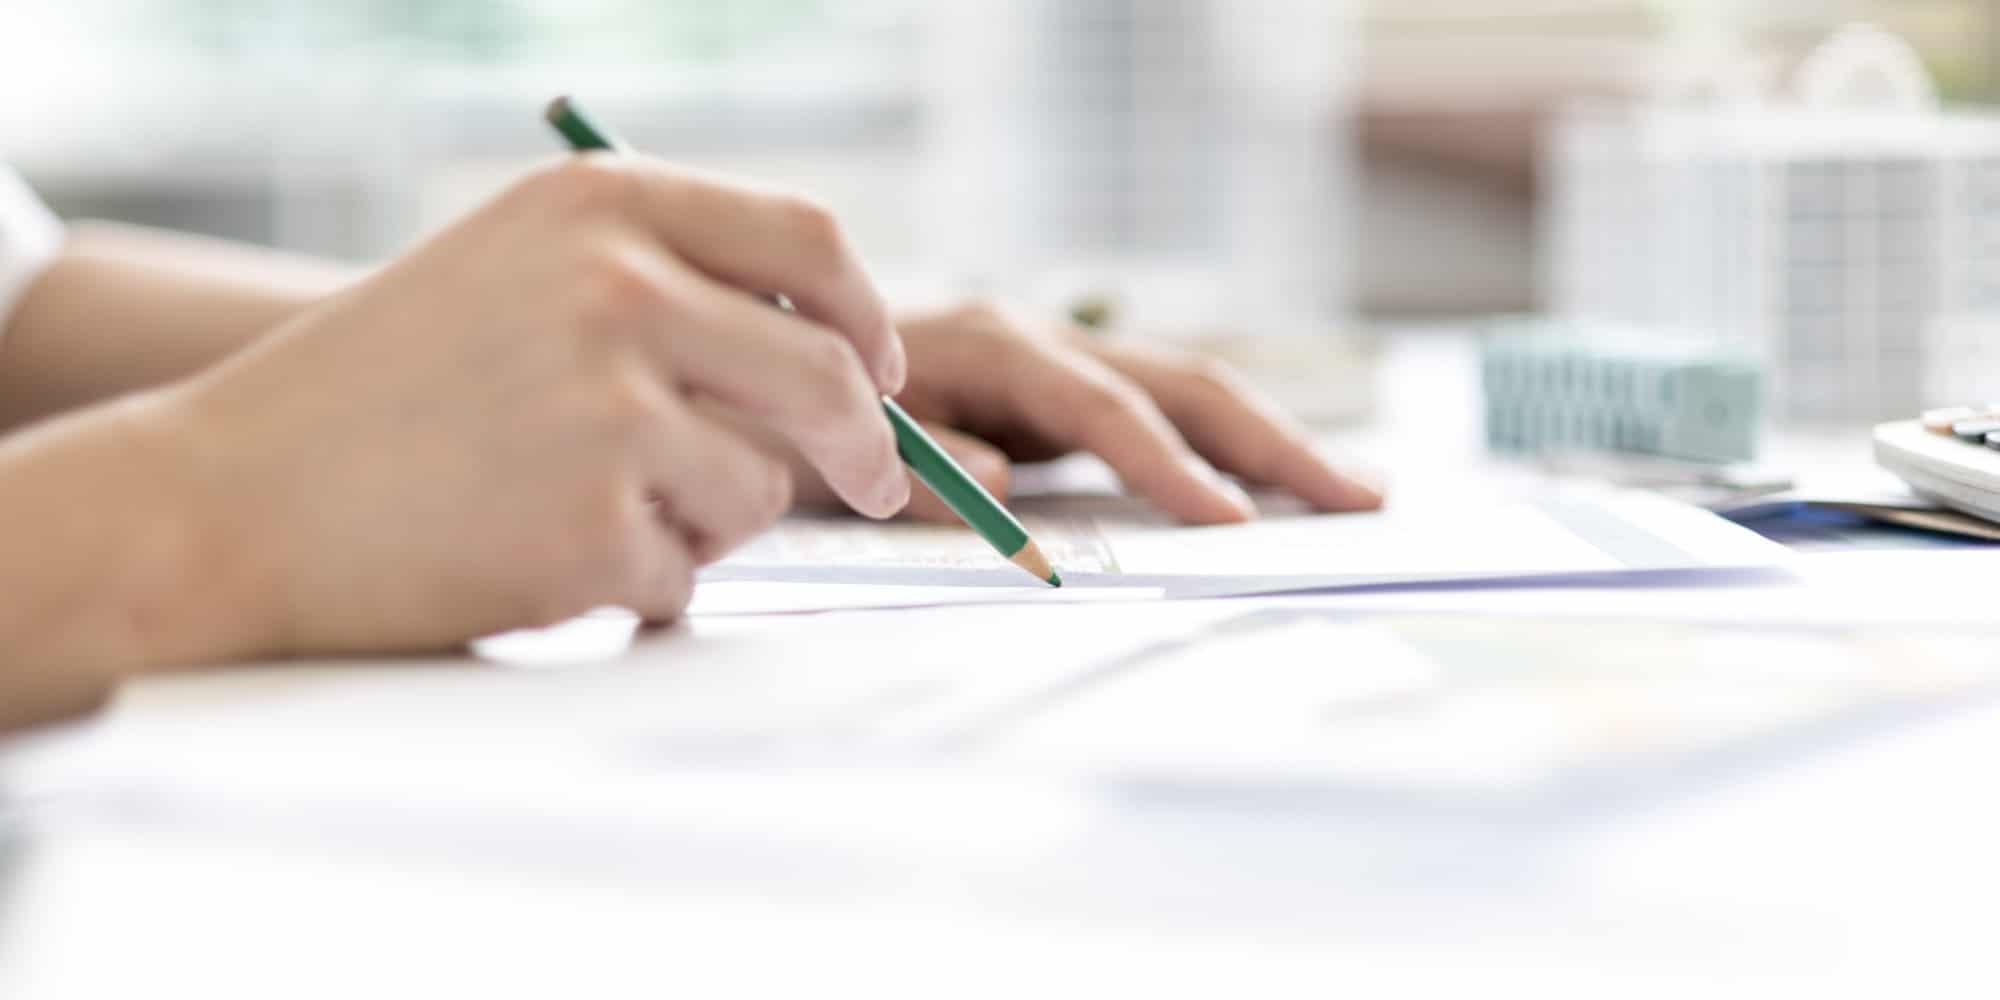 chiến lược giá cả đúng theo phân khúc của khách hàng và thị trường mục tiêu